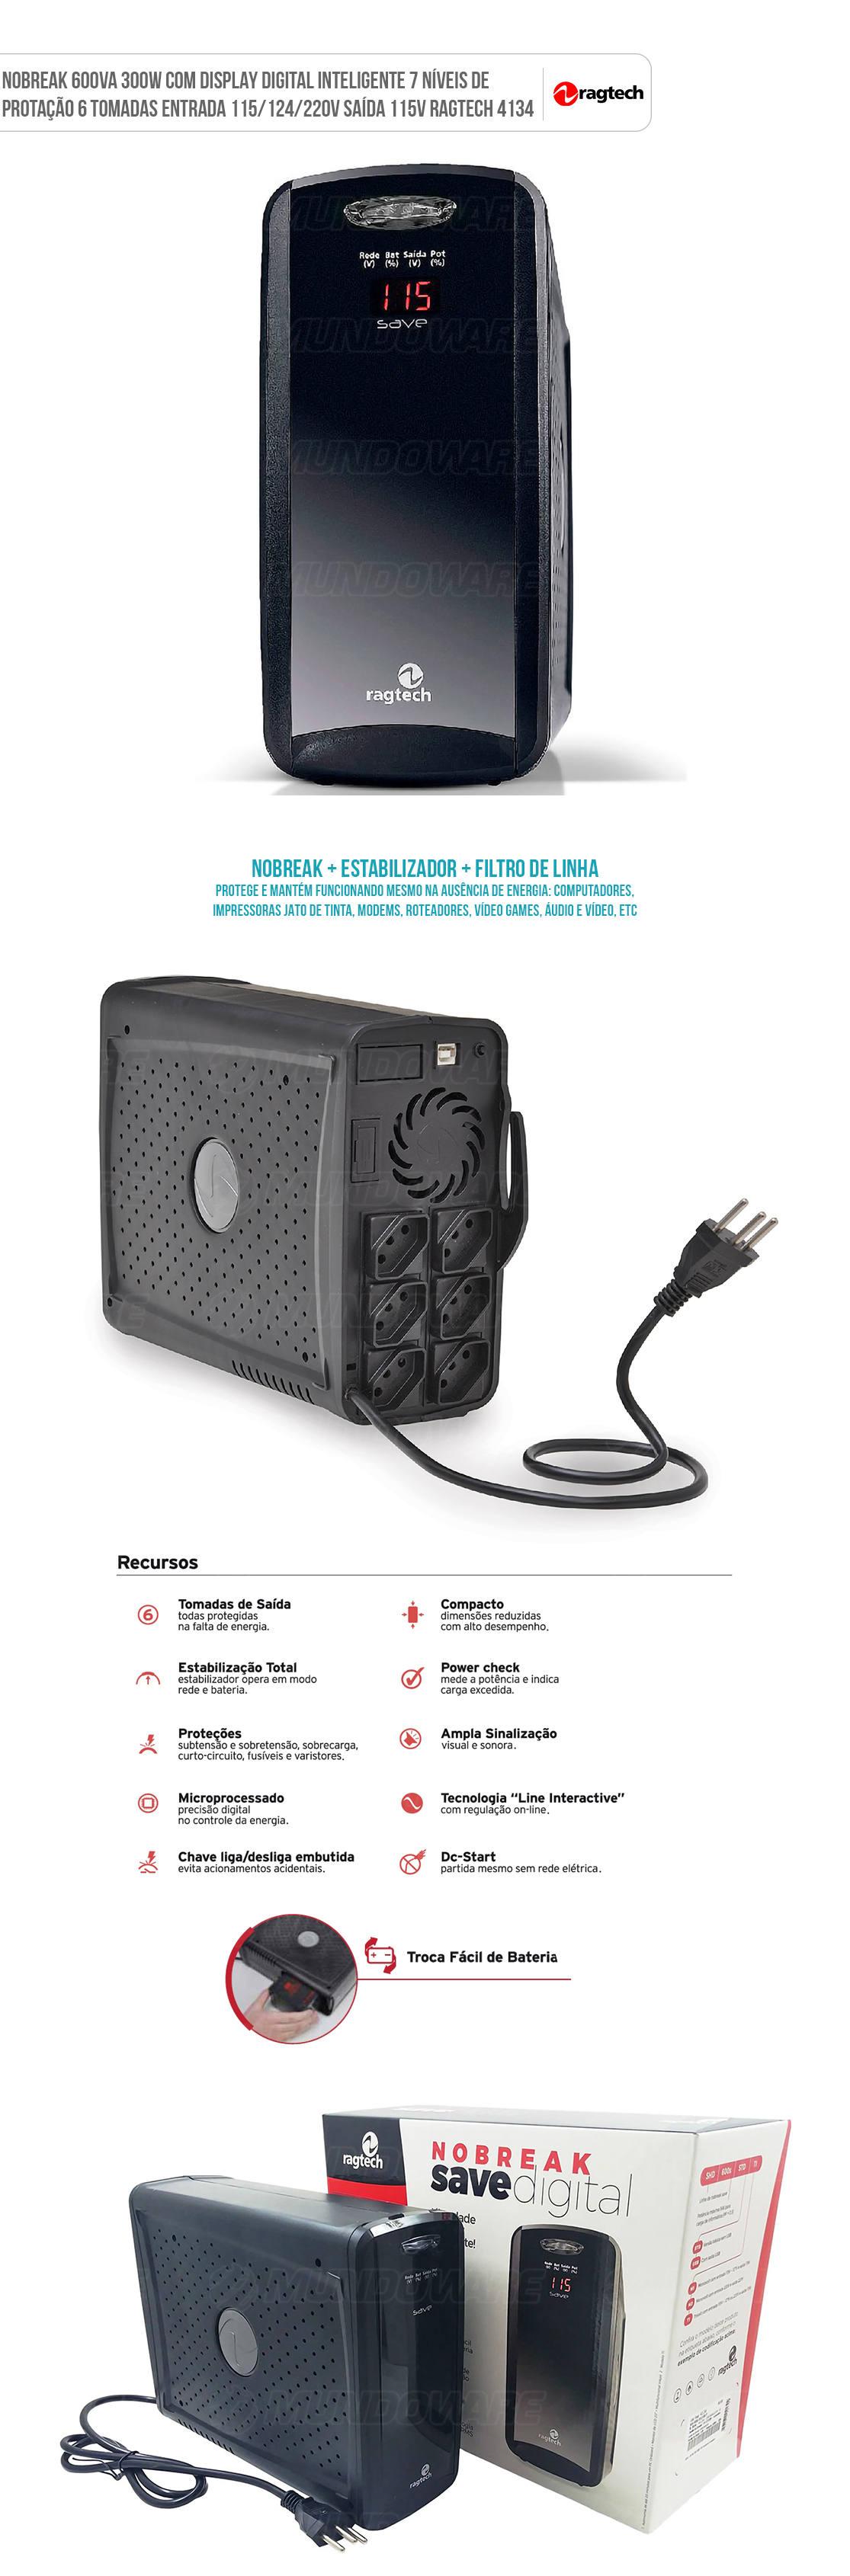 Nobreak 600VA 300W com Display Digital Inteligente 7 Níveis de Protação 6 Tomadas E.115/124/220V S.115V Ragtech 4134